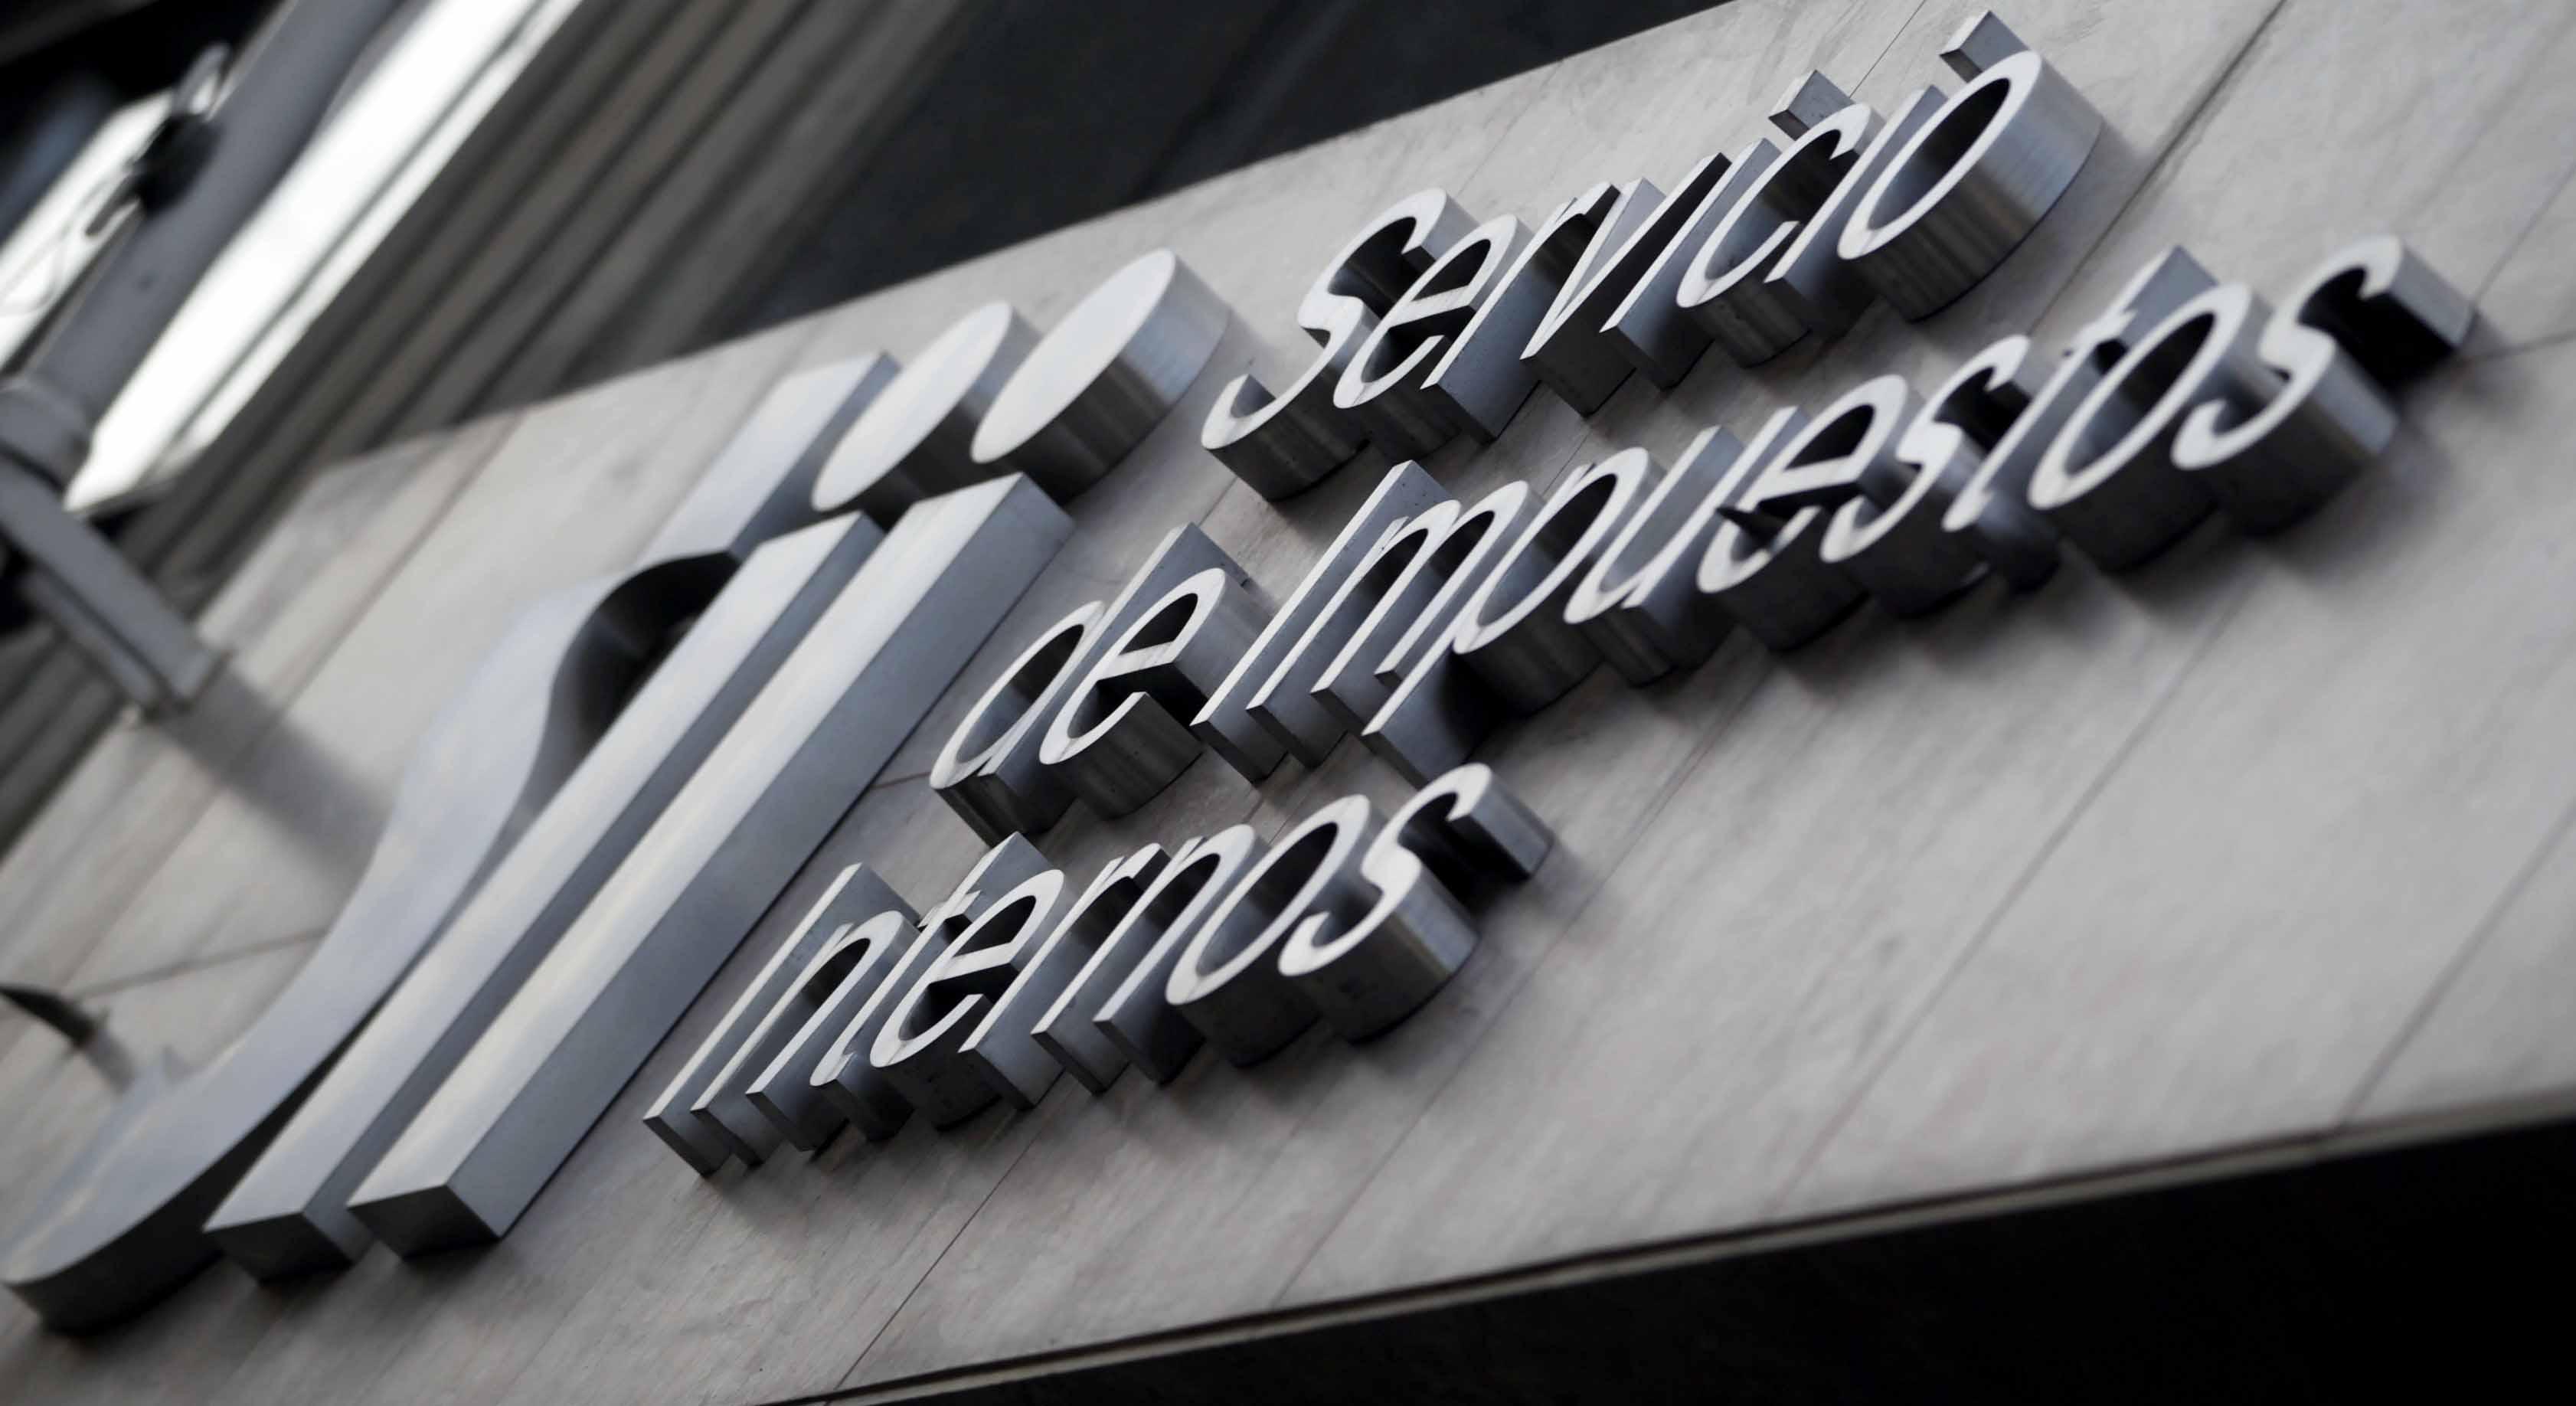 SII opta por sancionar administrativamente a empresas vinculadas a pagos a políticos y desestima acciones penales